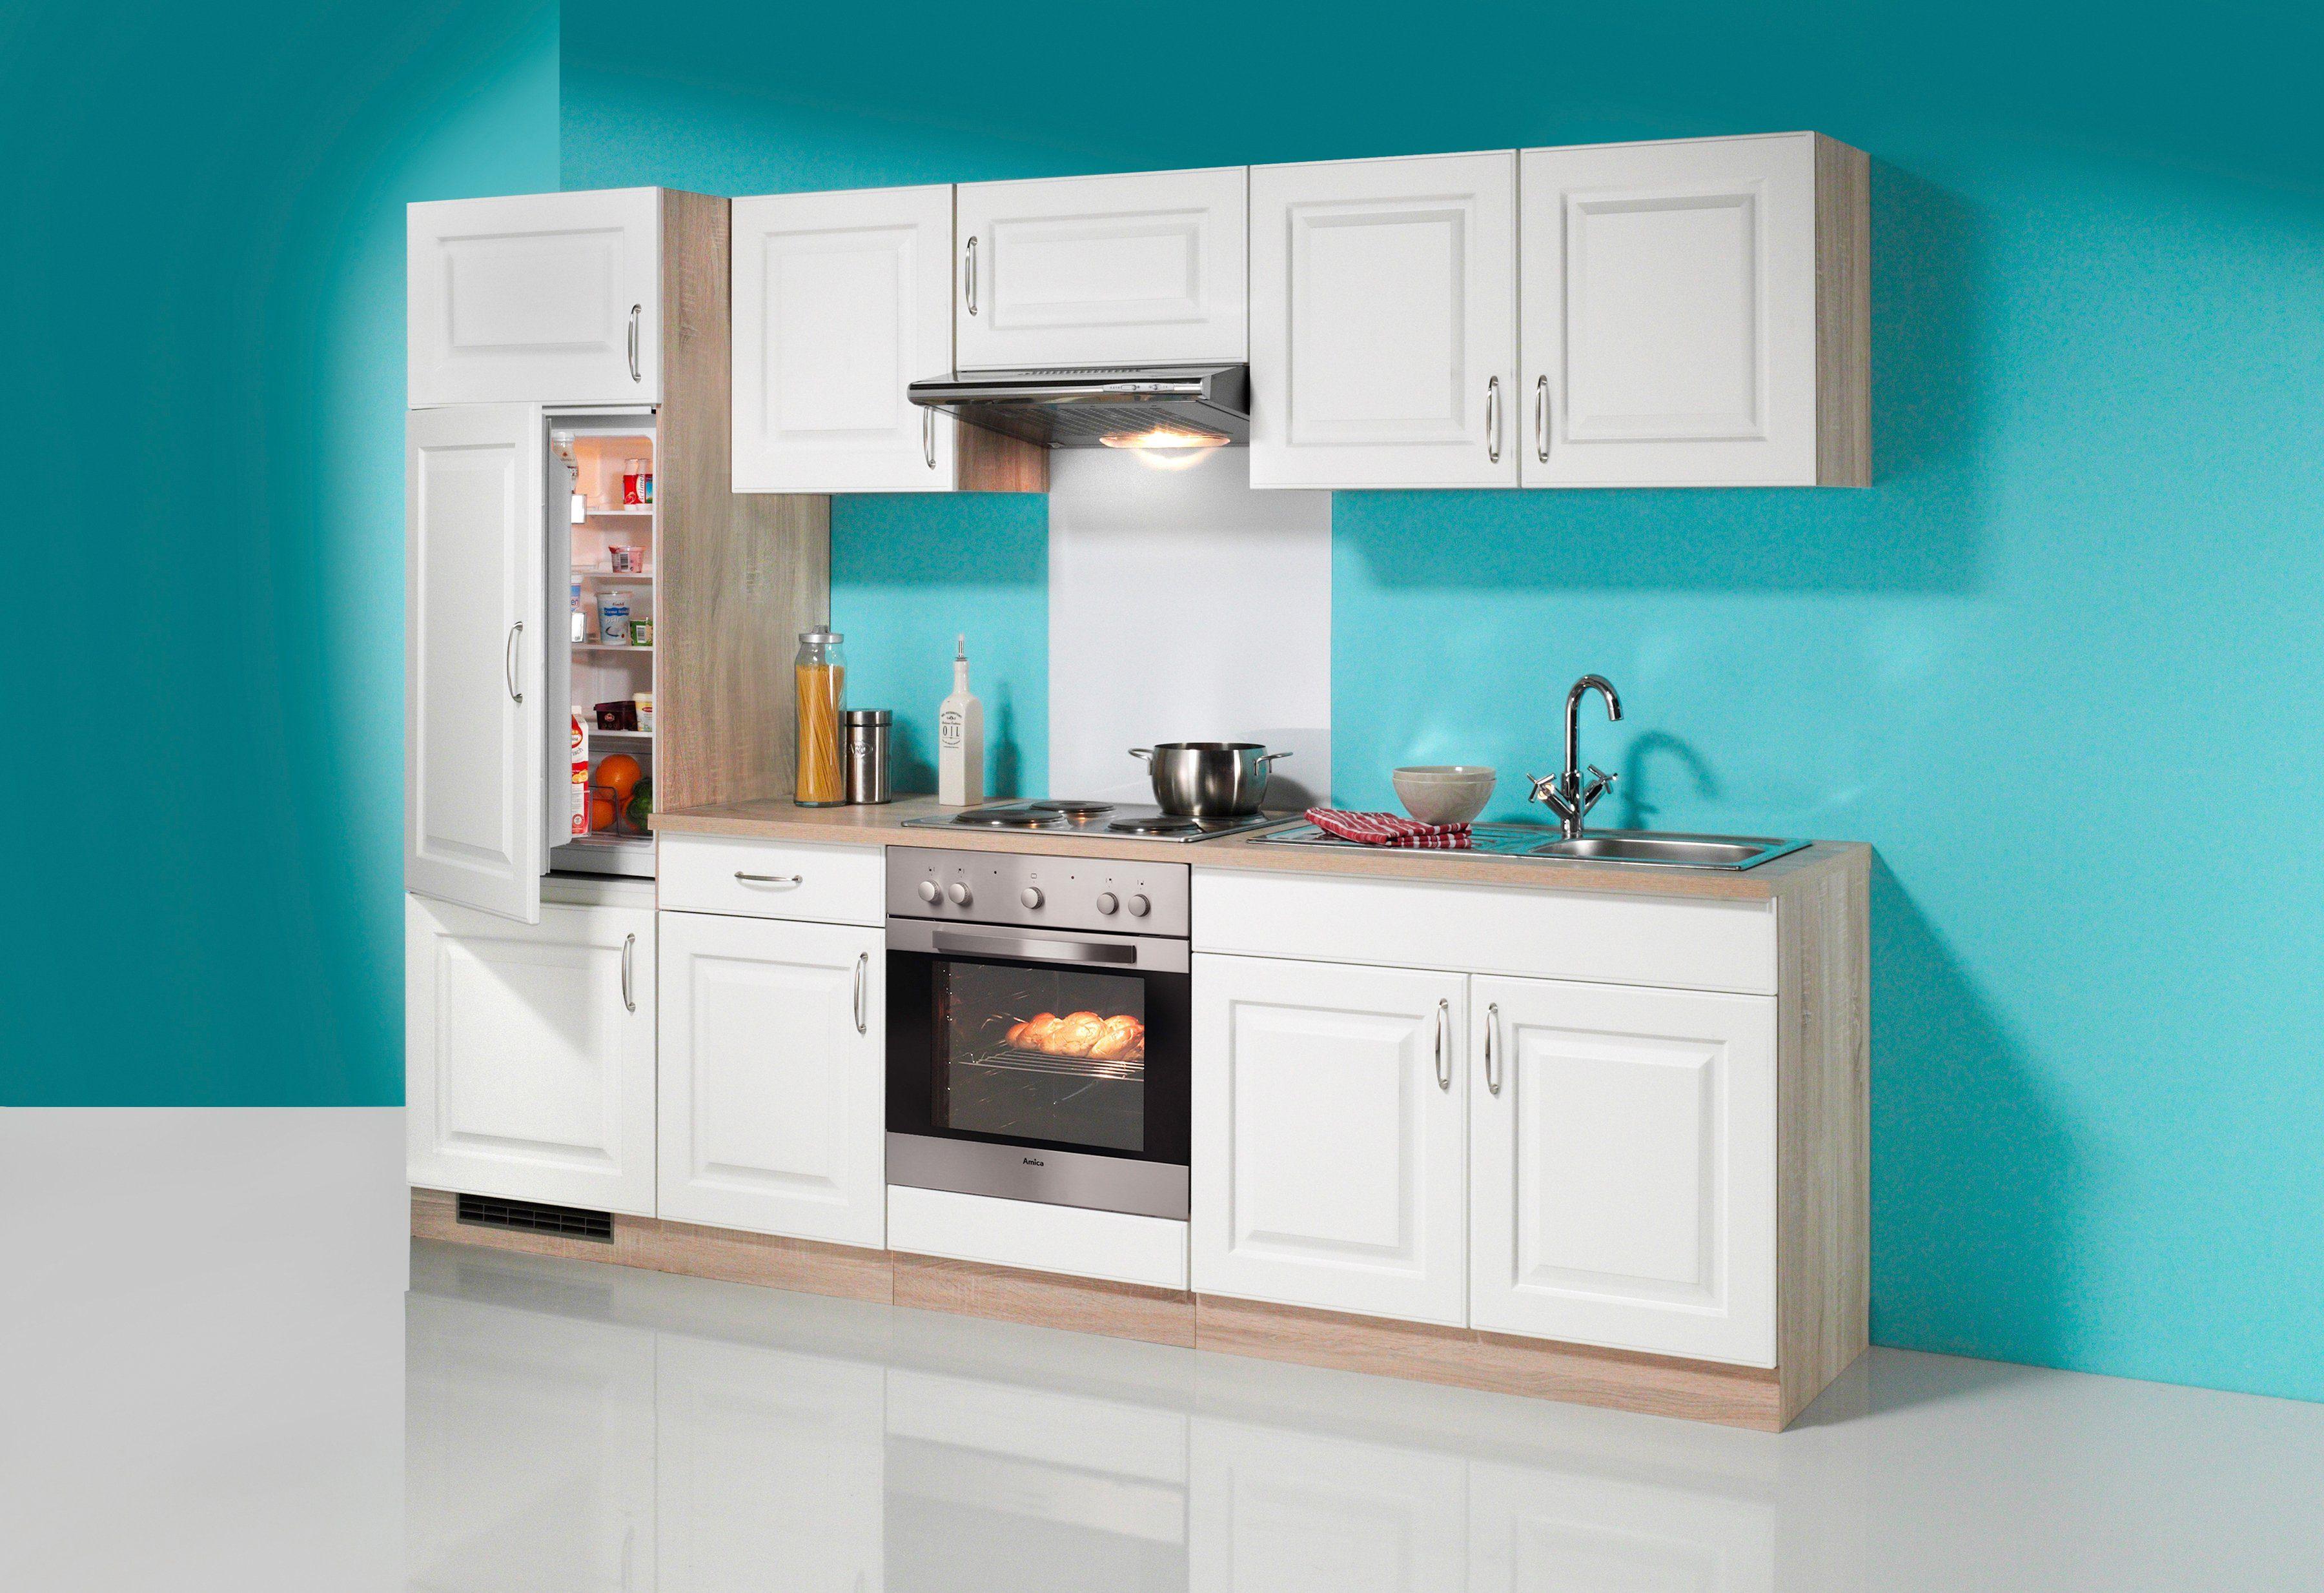 k chenzeile tilda mit elektroger ten und glaskeramik kochfeld breite 270 cm online kaufen otto. Black Bedroom Furniture Sets. Home Design Ideas